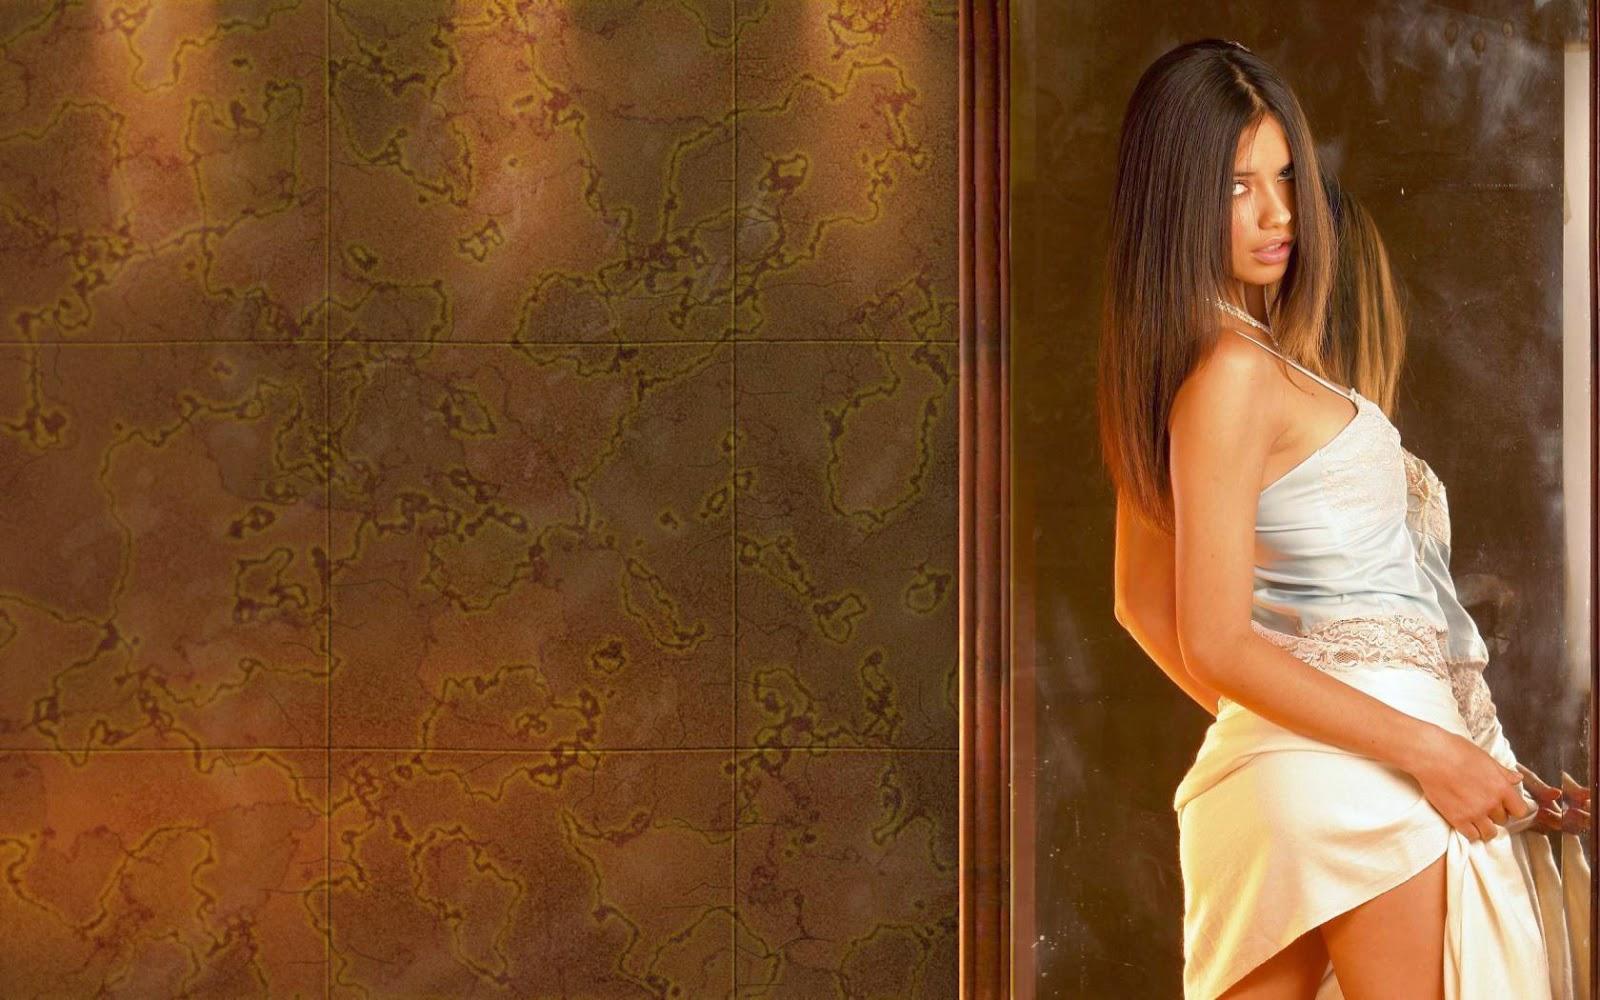 Самые Чёткие (Красивые девушки на аву) ВКонтакте - картинки красивых девушек на аву